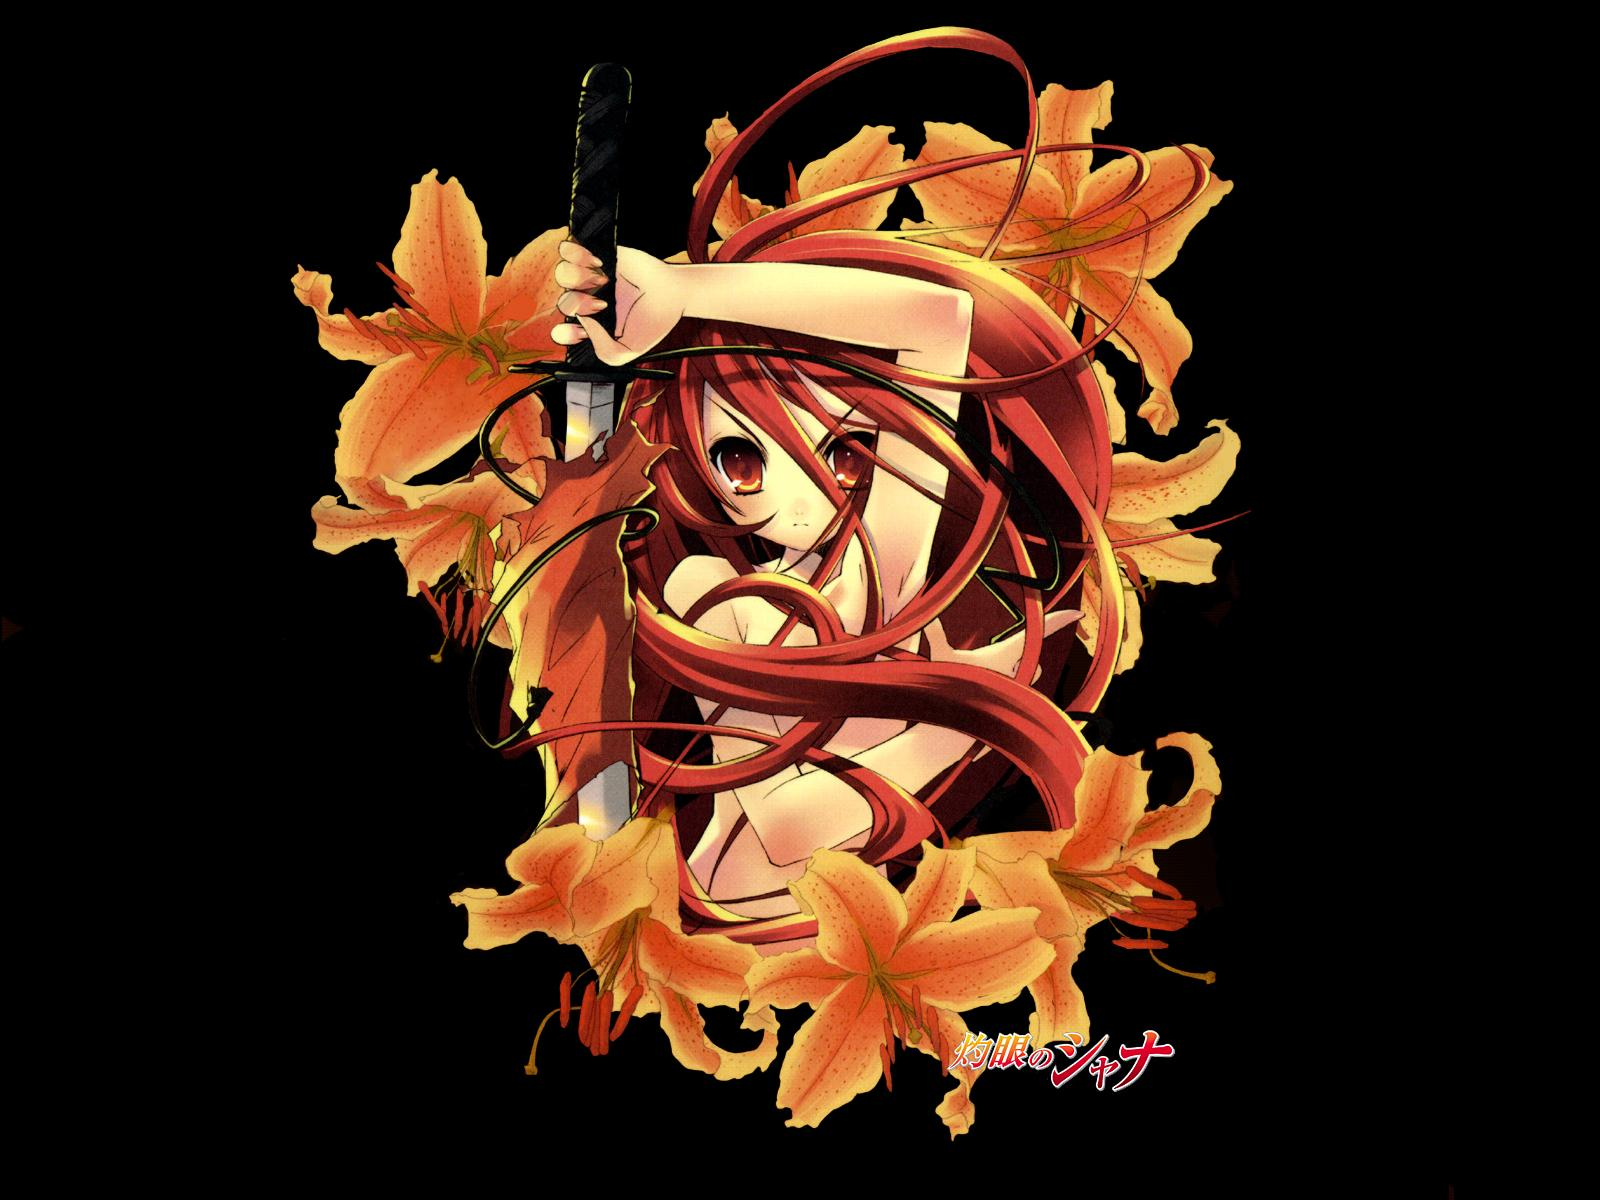 black flowers itou_noiji katana long_hair orange_eyes orange_hair shakugan_no_shana shana sword weapon